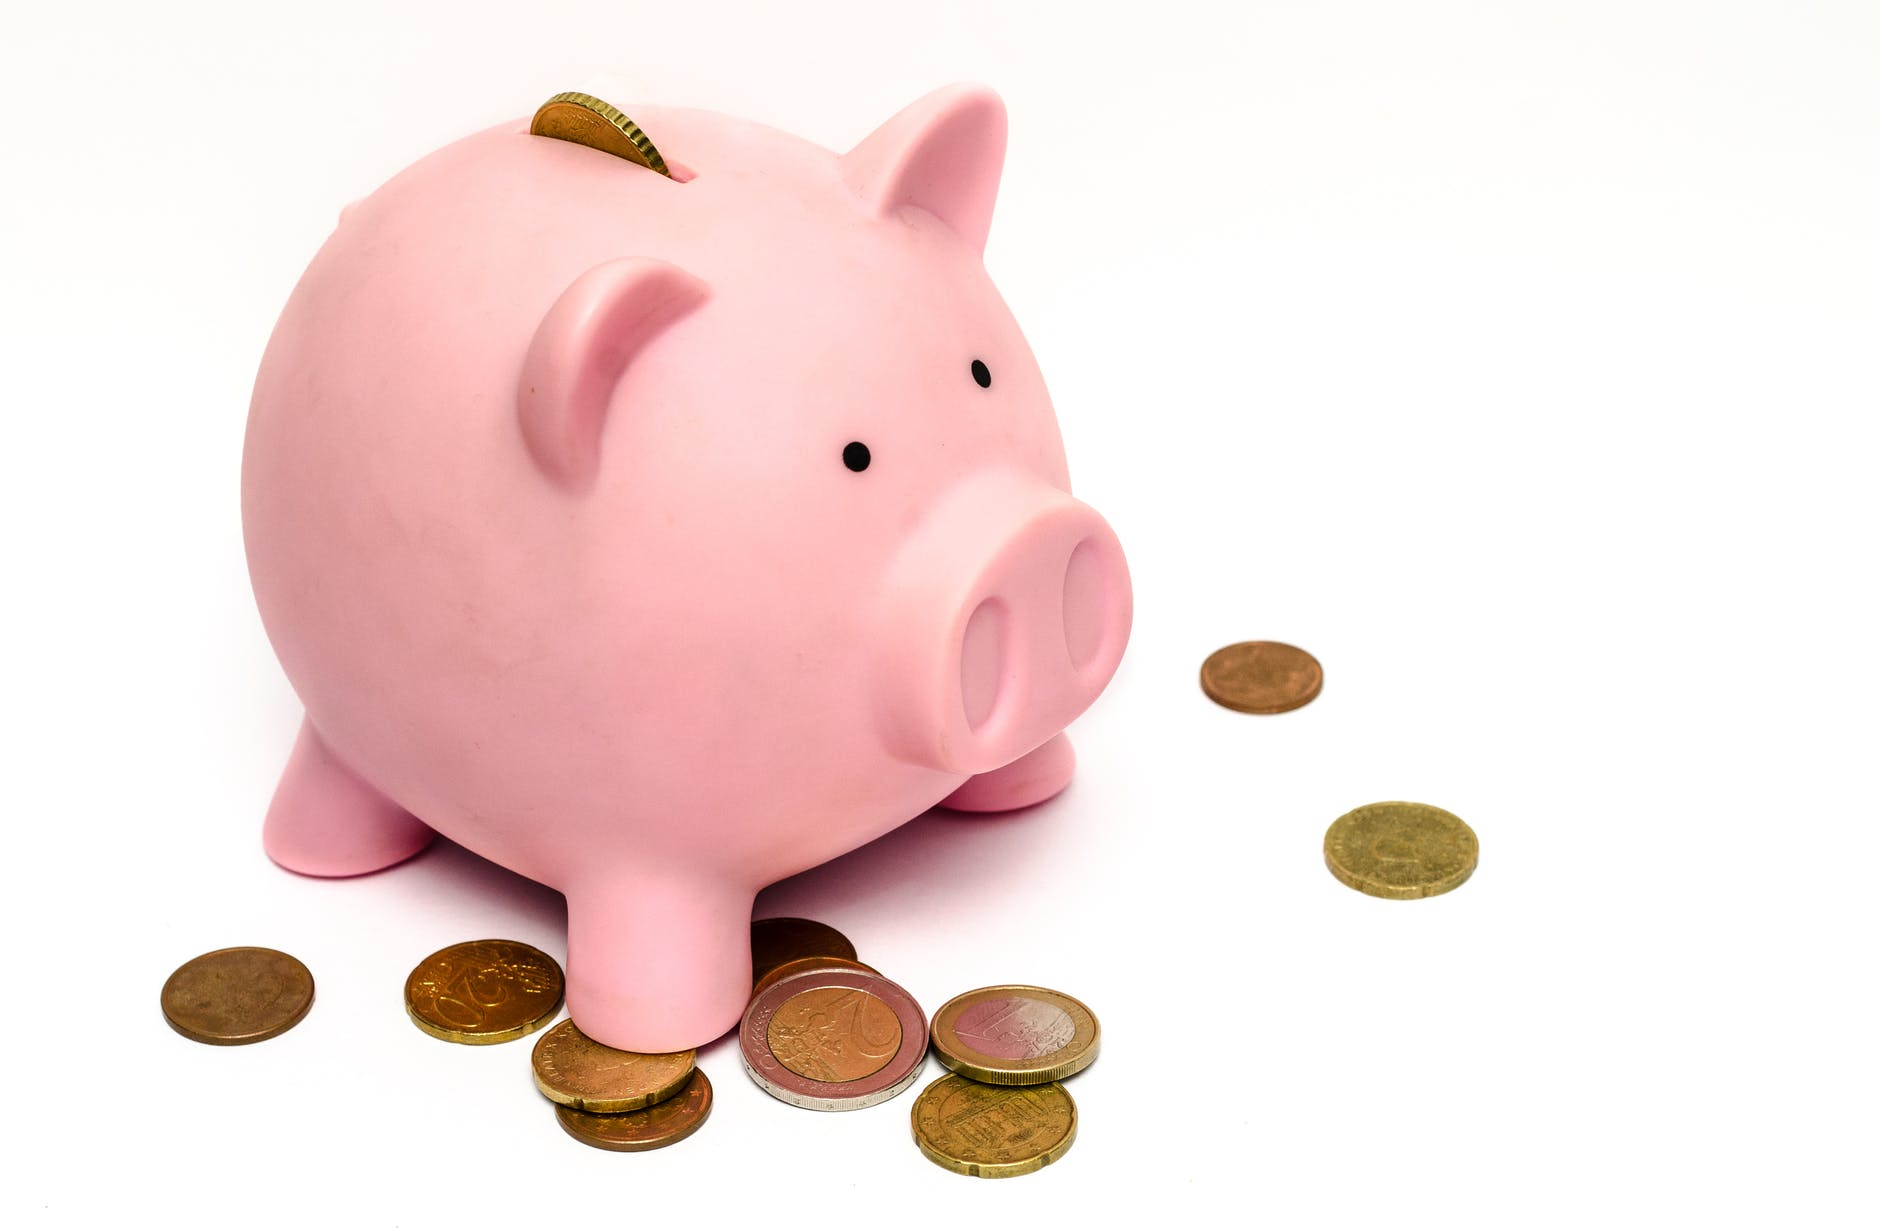 Ипотека без первоначального взноса: изучаем З варианта, как получить такой кредит